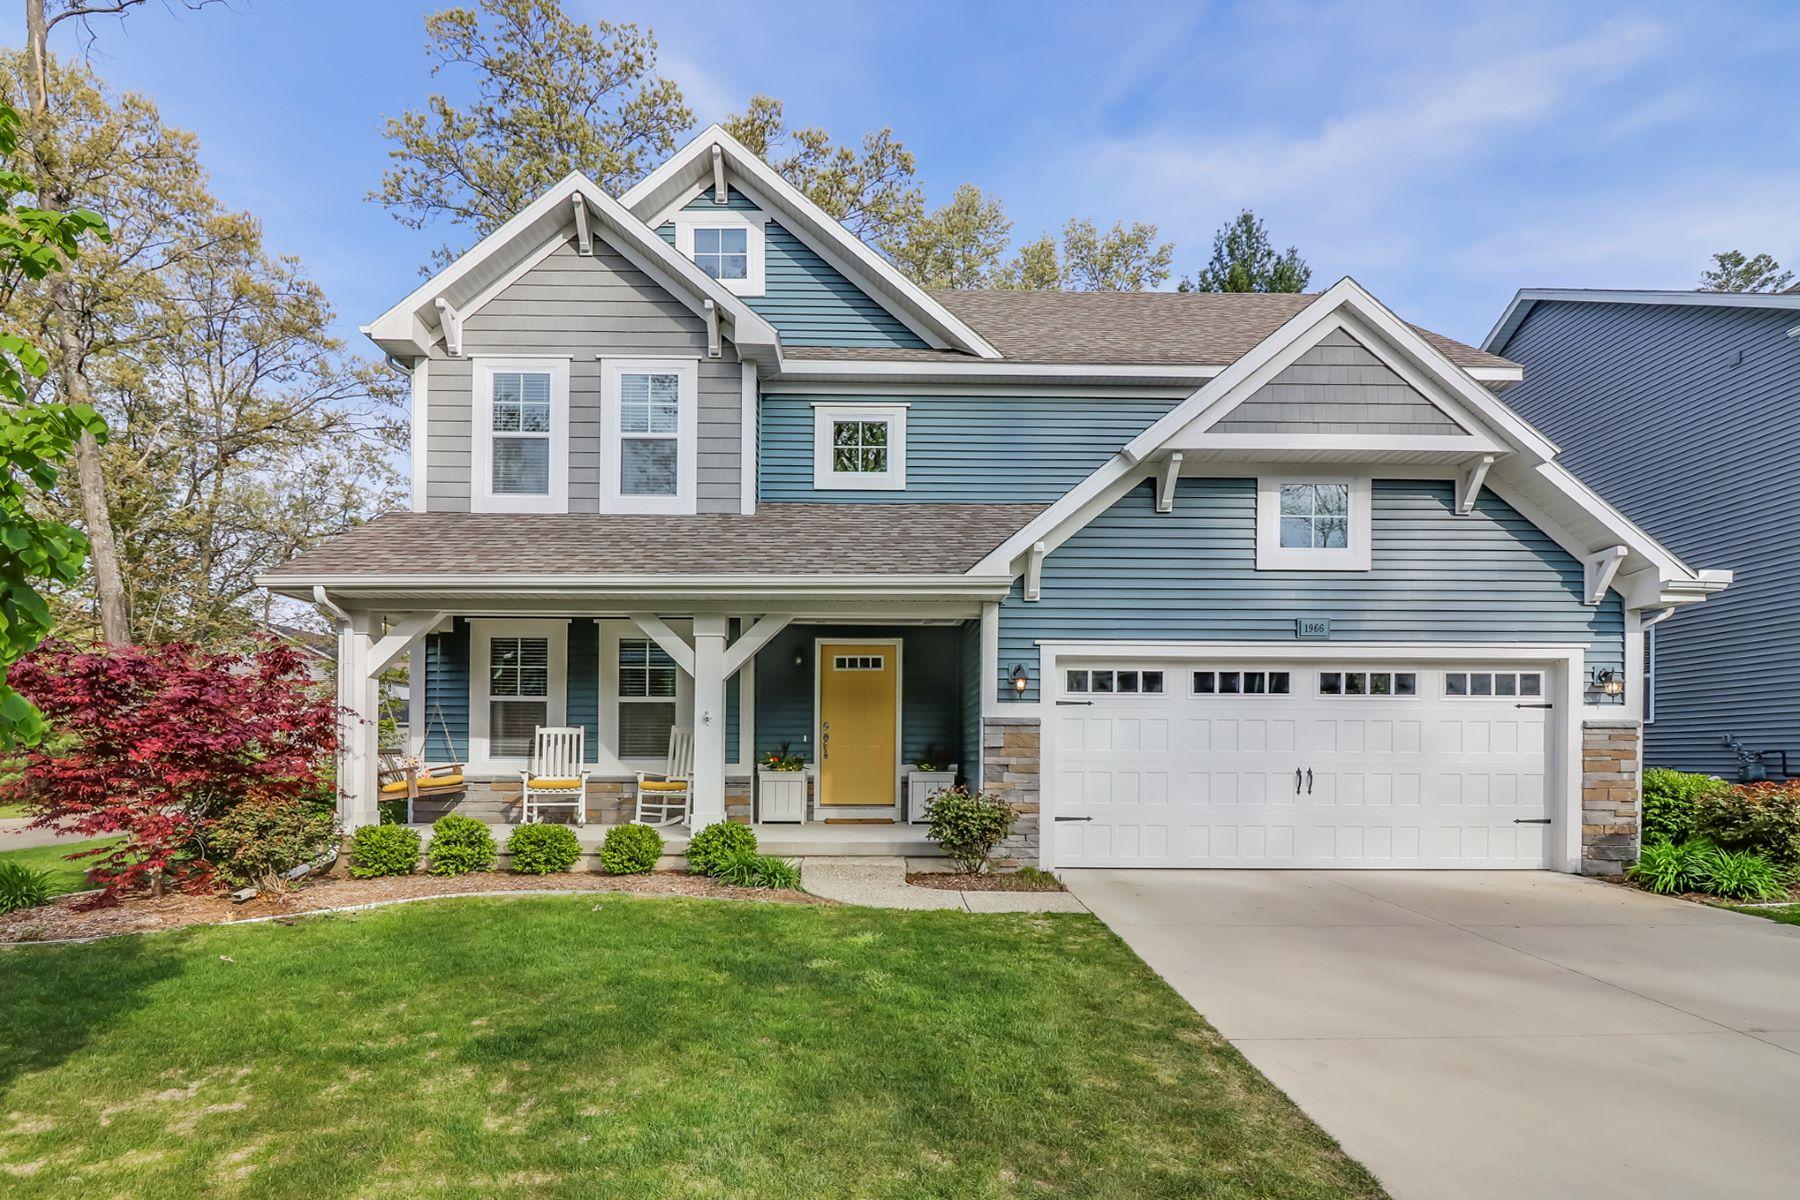 独户住宅 为 销售 在 Intriguing Vacation Perfection, to Live In or Rent Out! 1966 Chippewa Drive 霍德兰, 密歇根州, 49424 美国